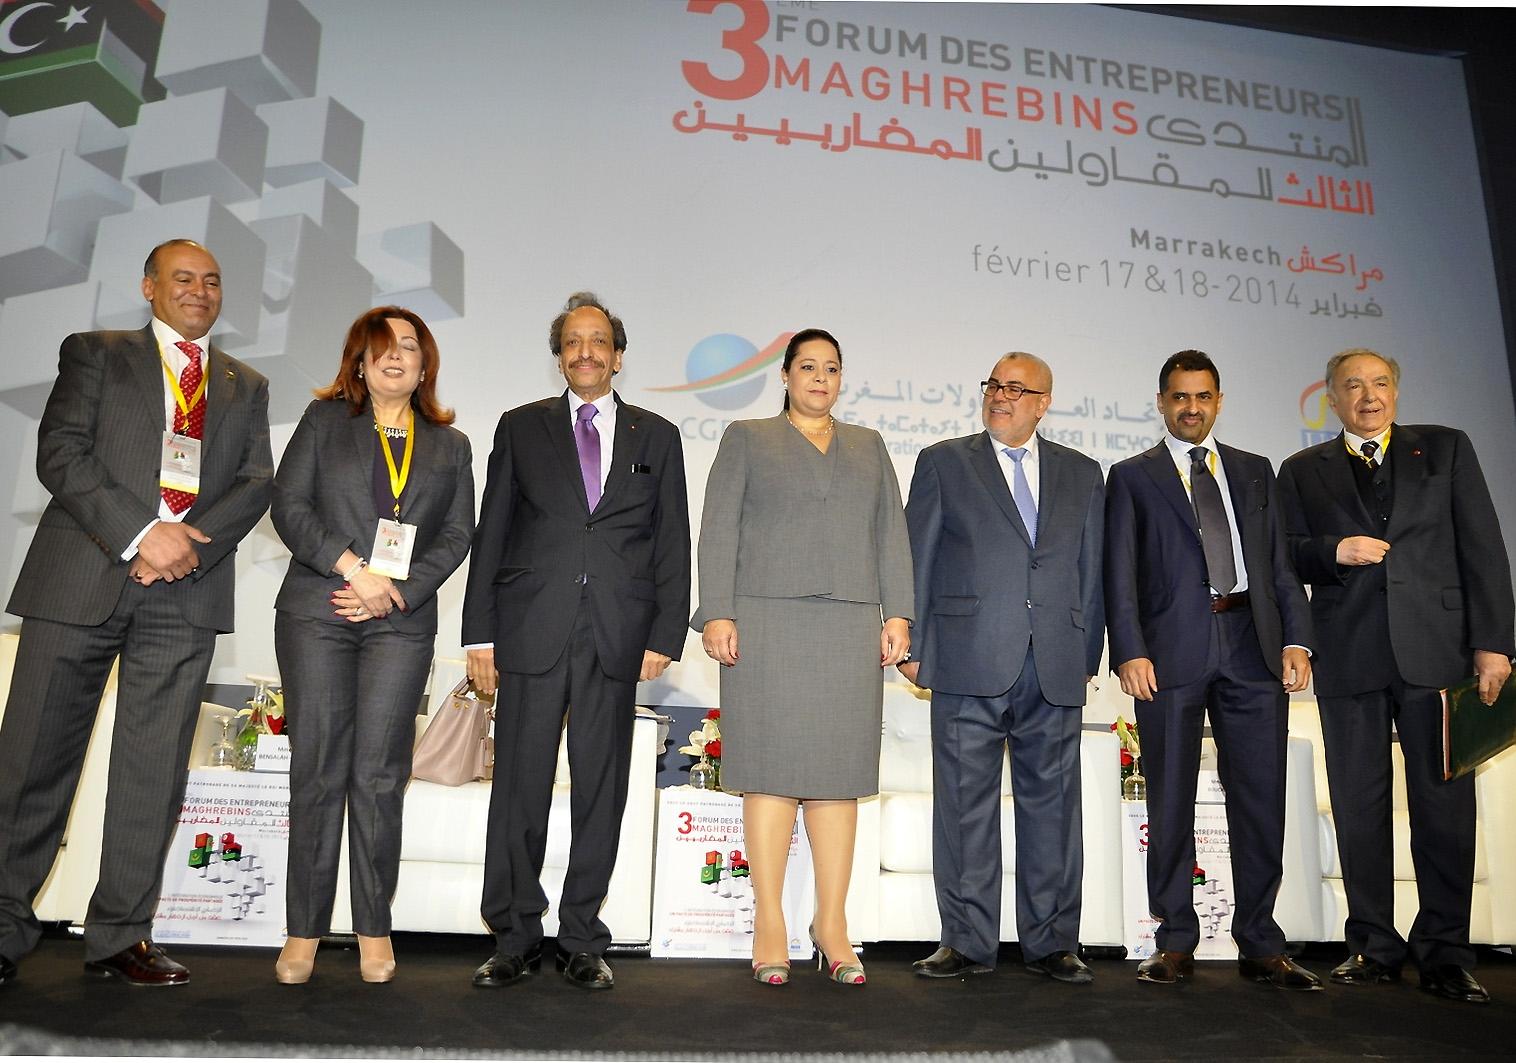 منتدى المقاولين المغاربيين يدعو إلى تحقيق التكامل الاقتصادي بين دول المنطقة